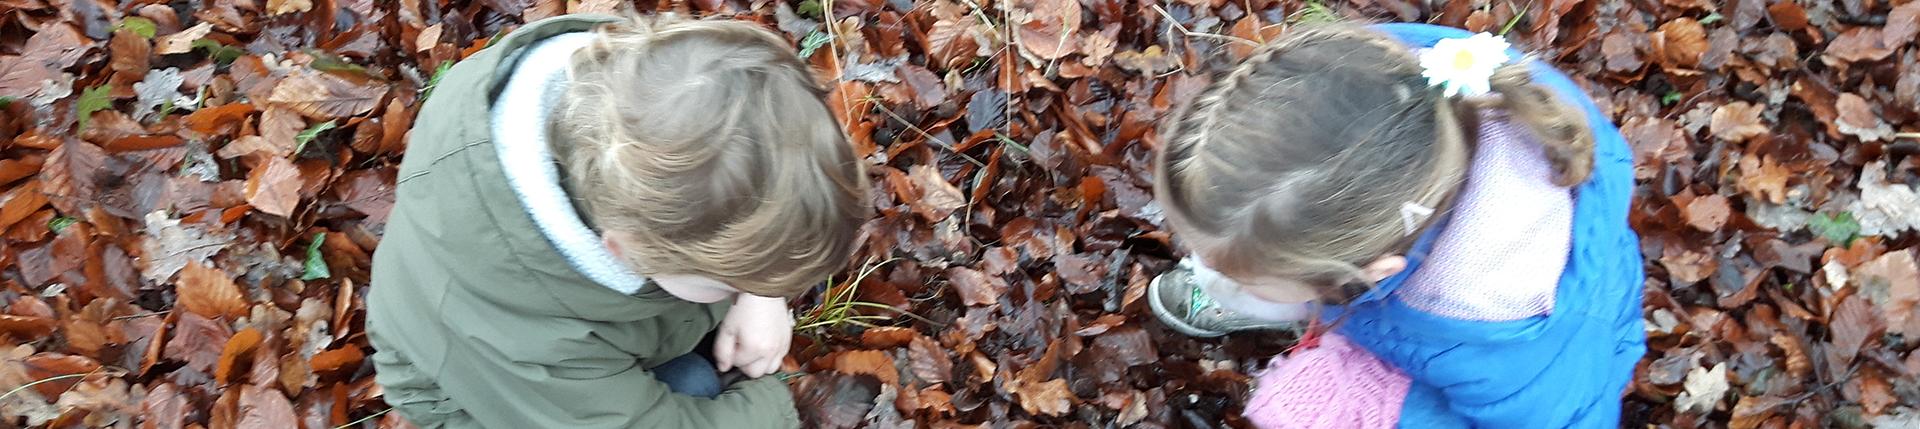 ontdekken en ontwikkelen - kinderopvang Heyendael